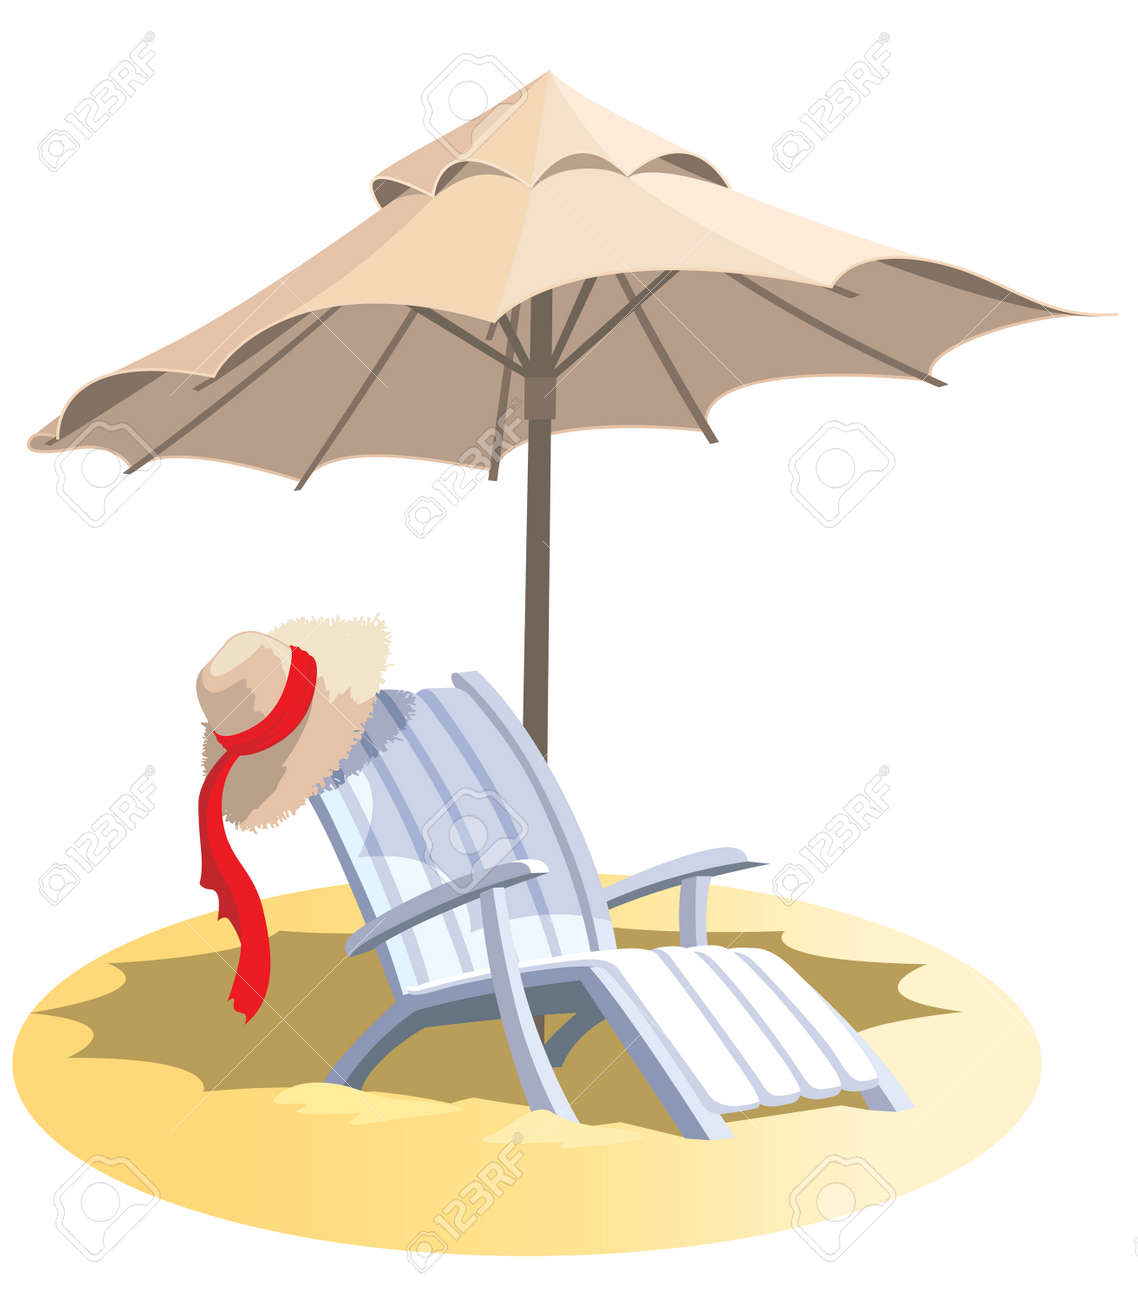 Beach chair and umbrella sketch - Summer Vacation Chair And Umbrella On A Tropical Beach Stock Vector 3867497